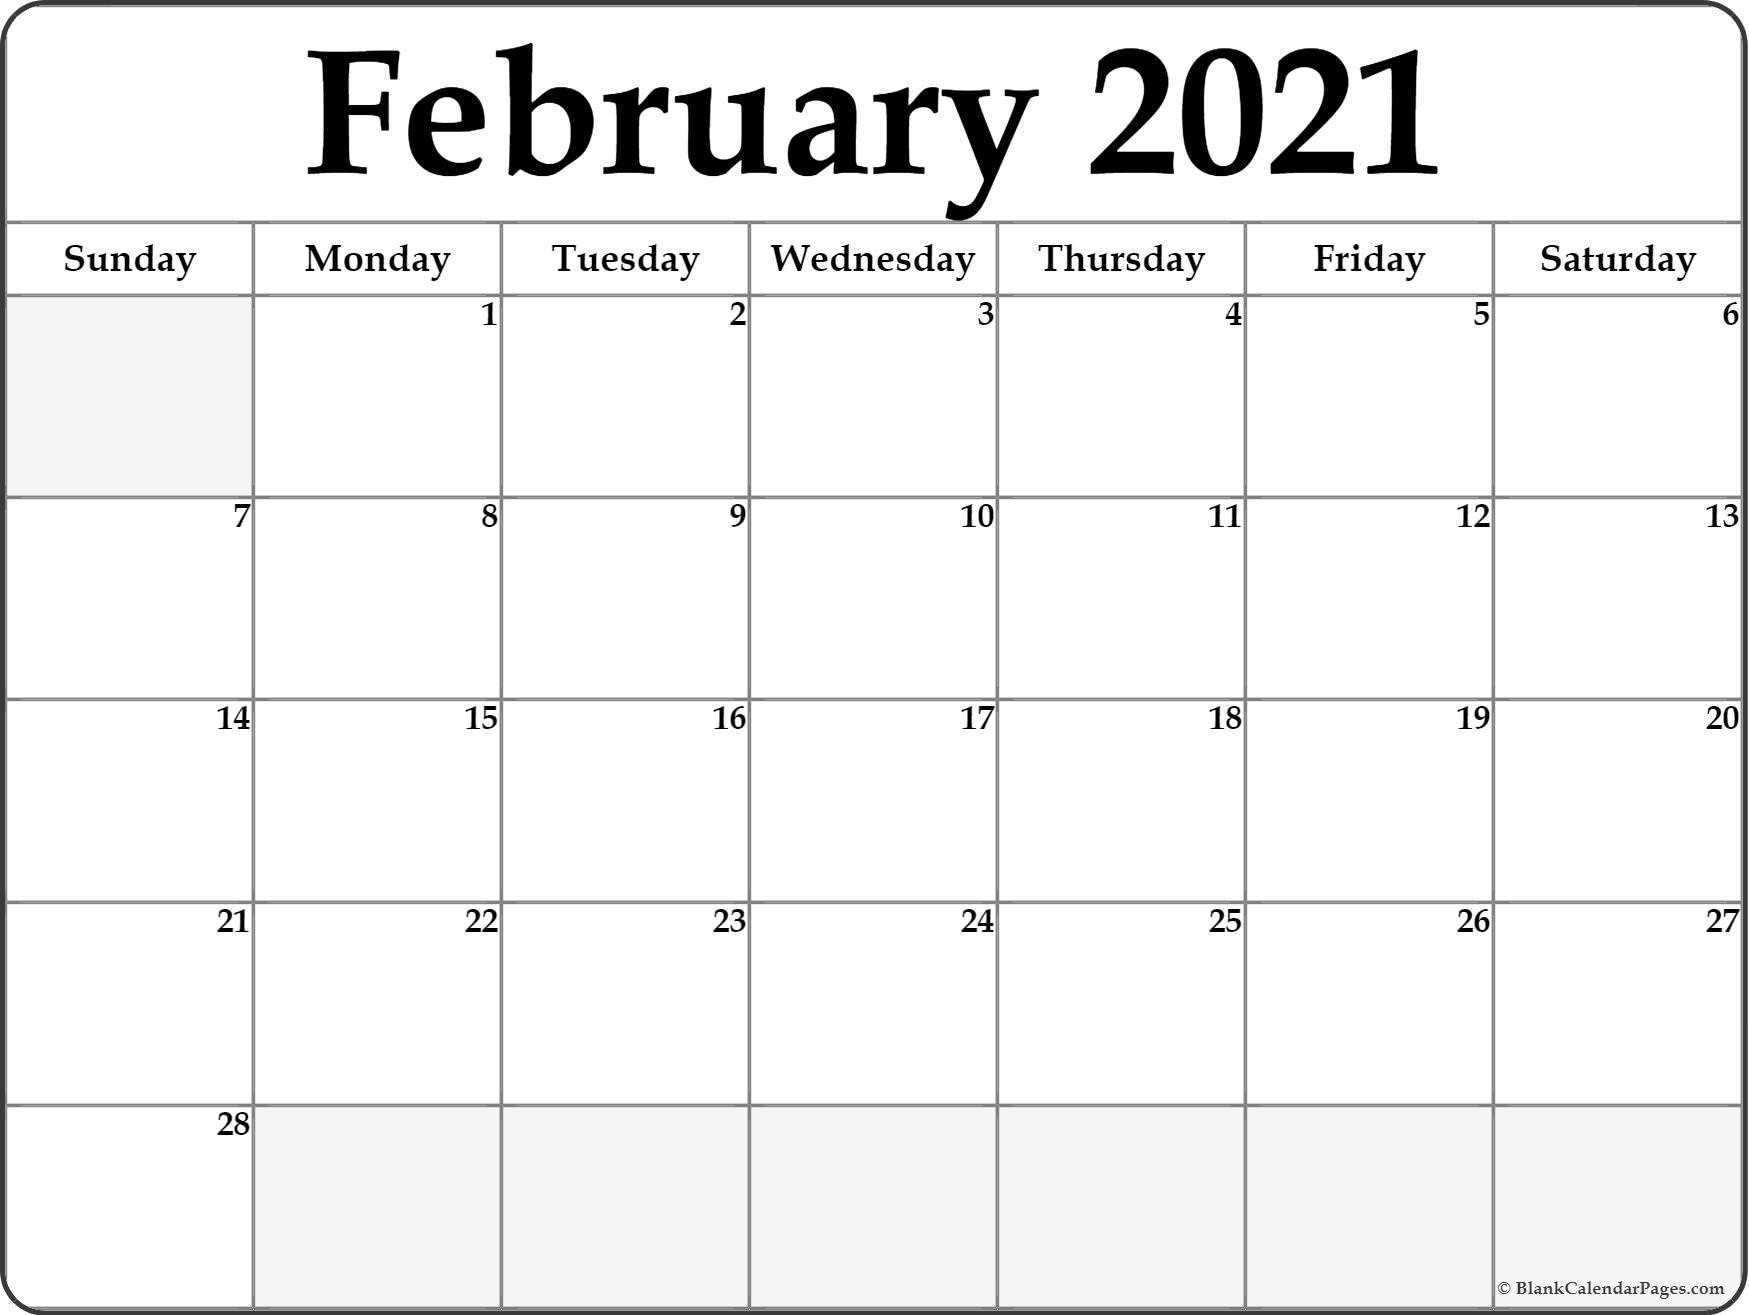 February 2021 Calendar 2 | Avnitasoni